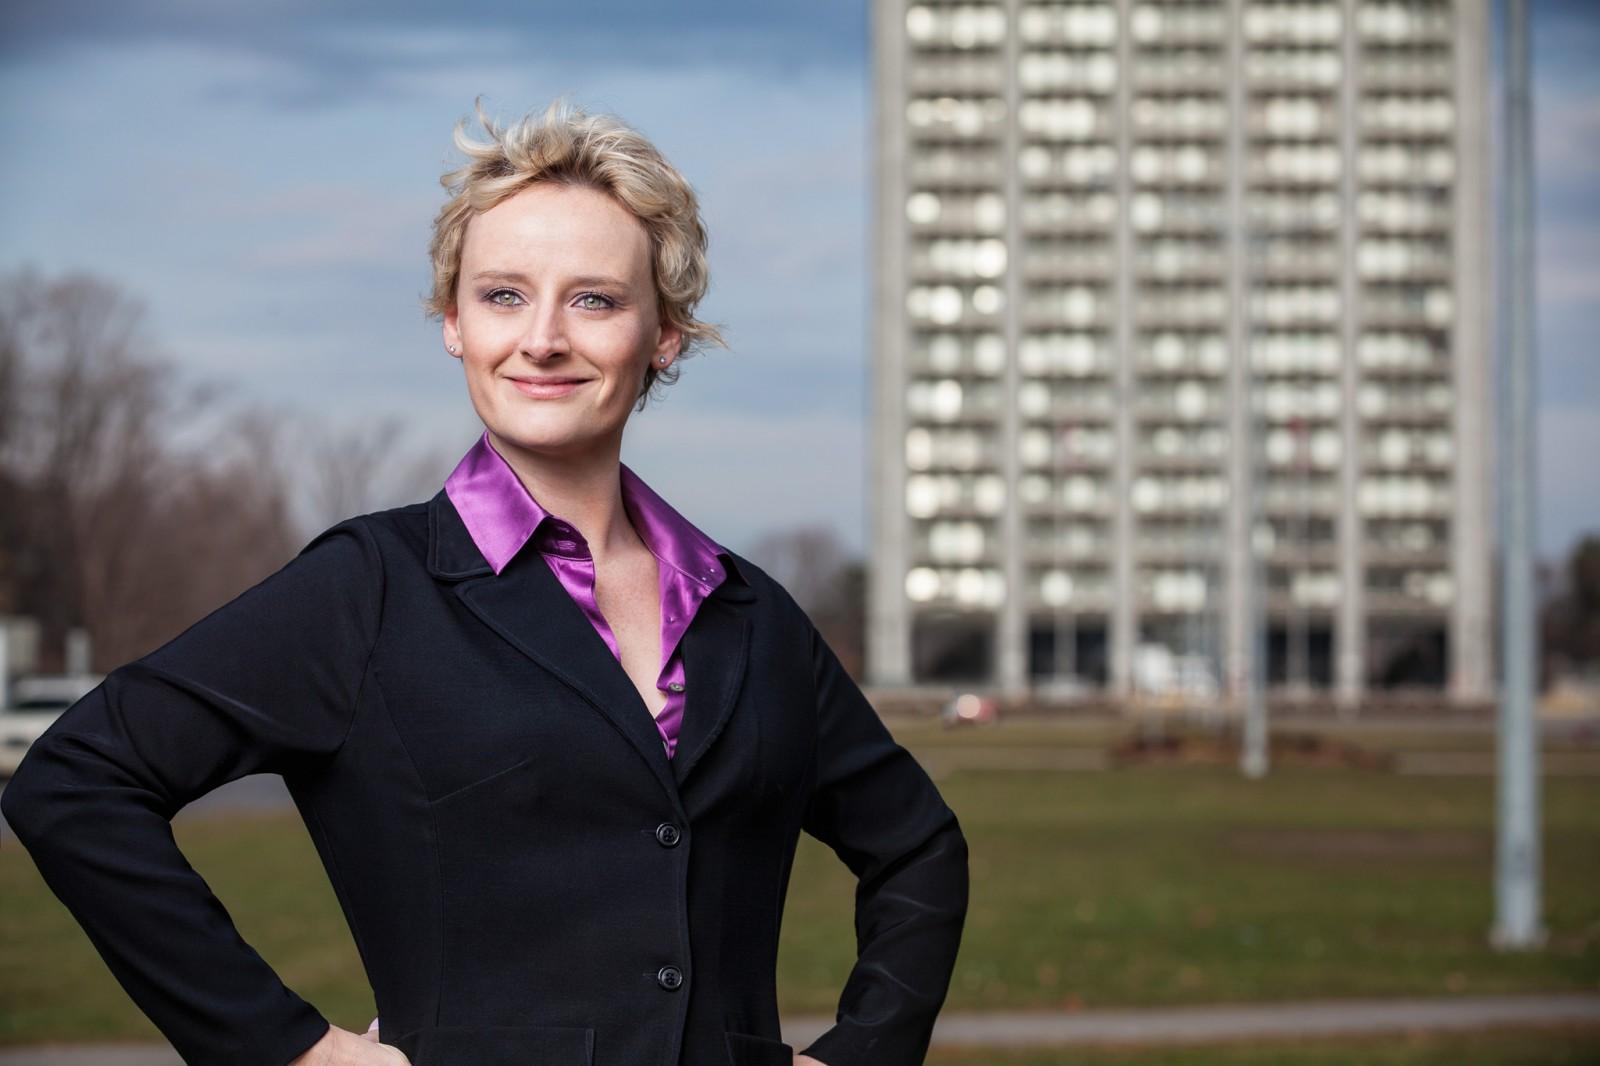 Ottawa_Portrait_Photographer_Justin_Van_Leeuwen--15-SarahMcVie-Edit